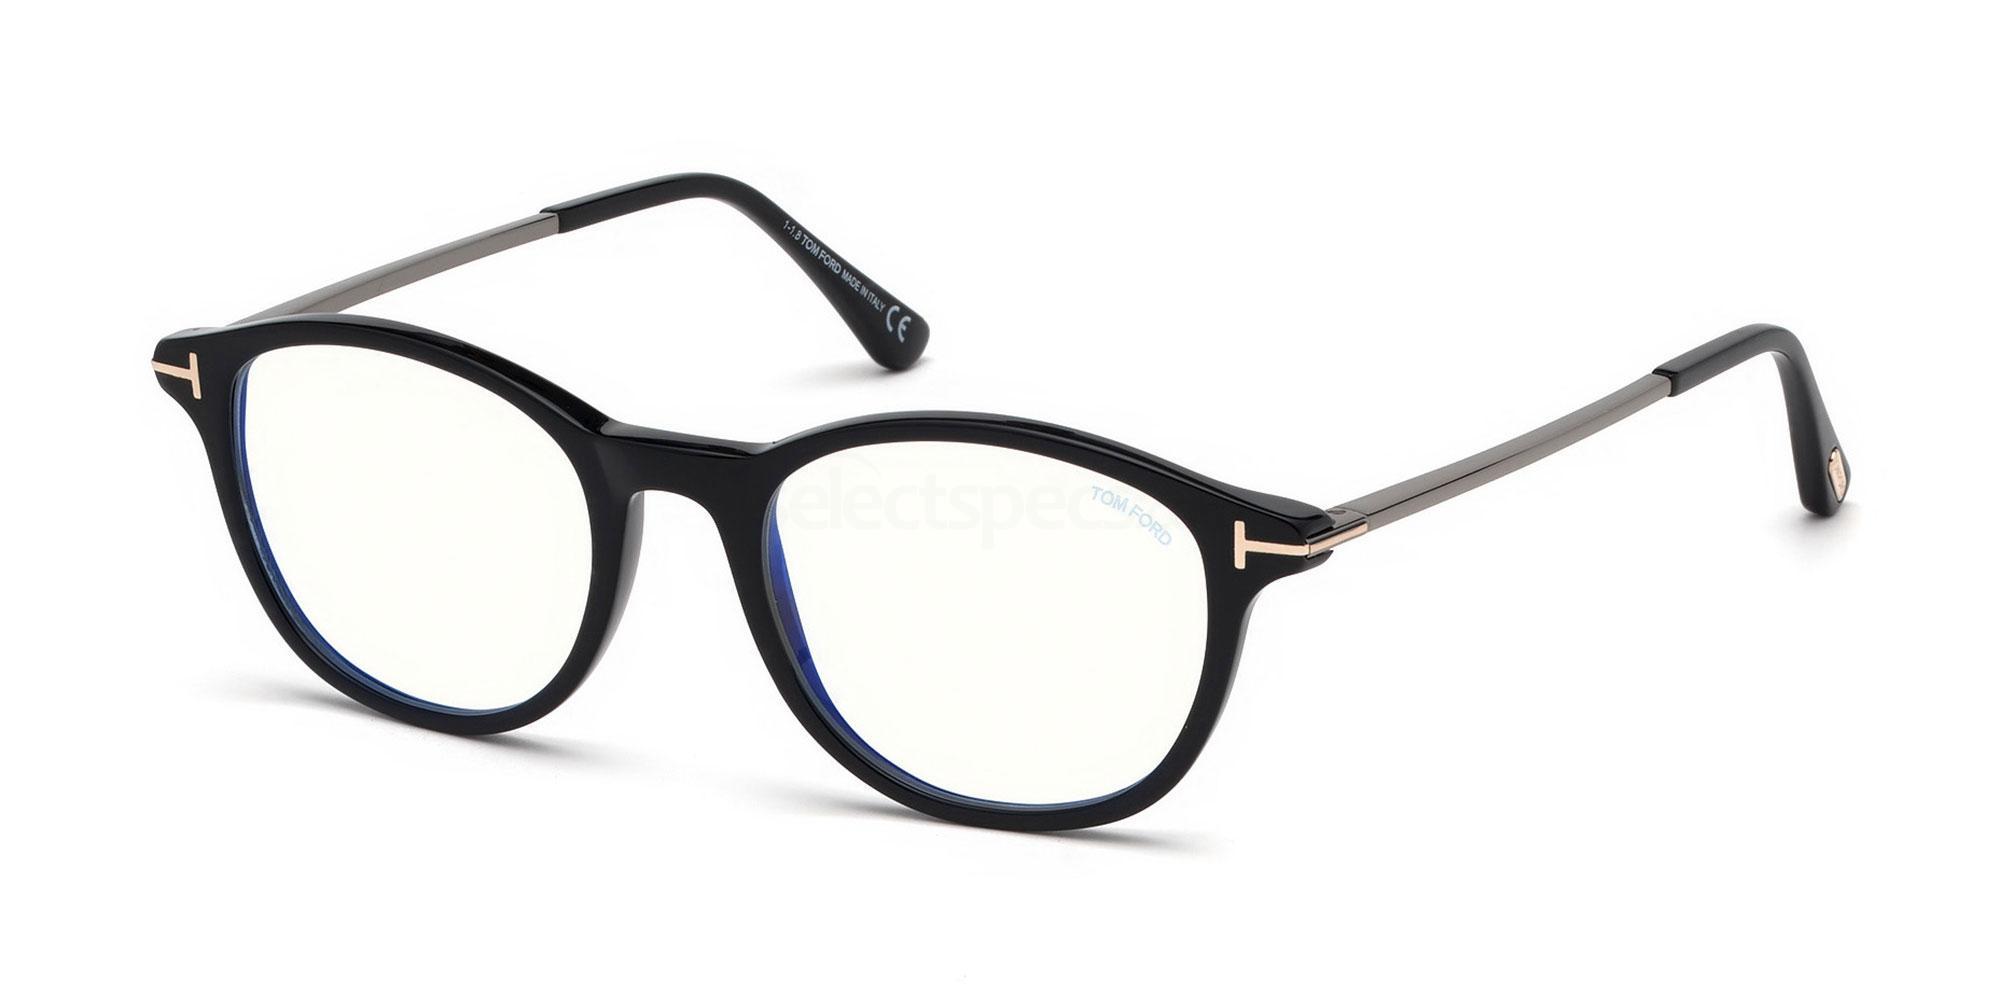 001 FT5553-B Glasses, Tom Ford